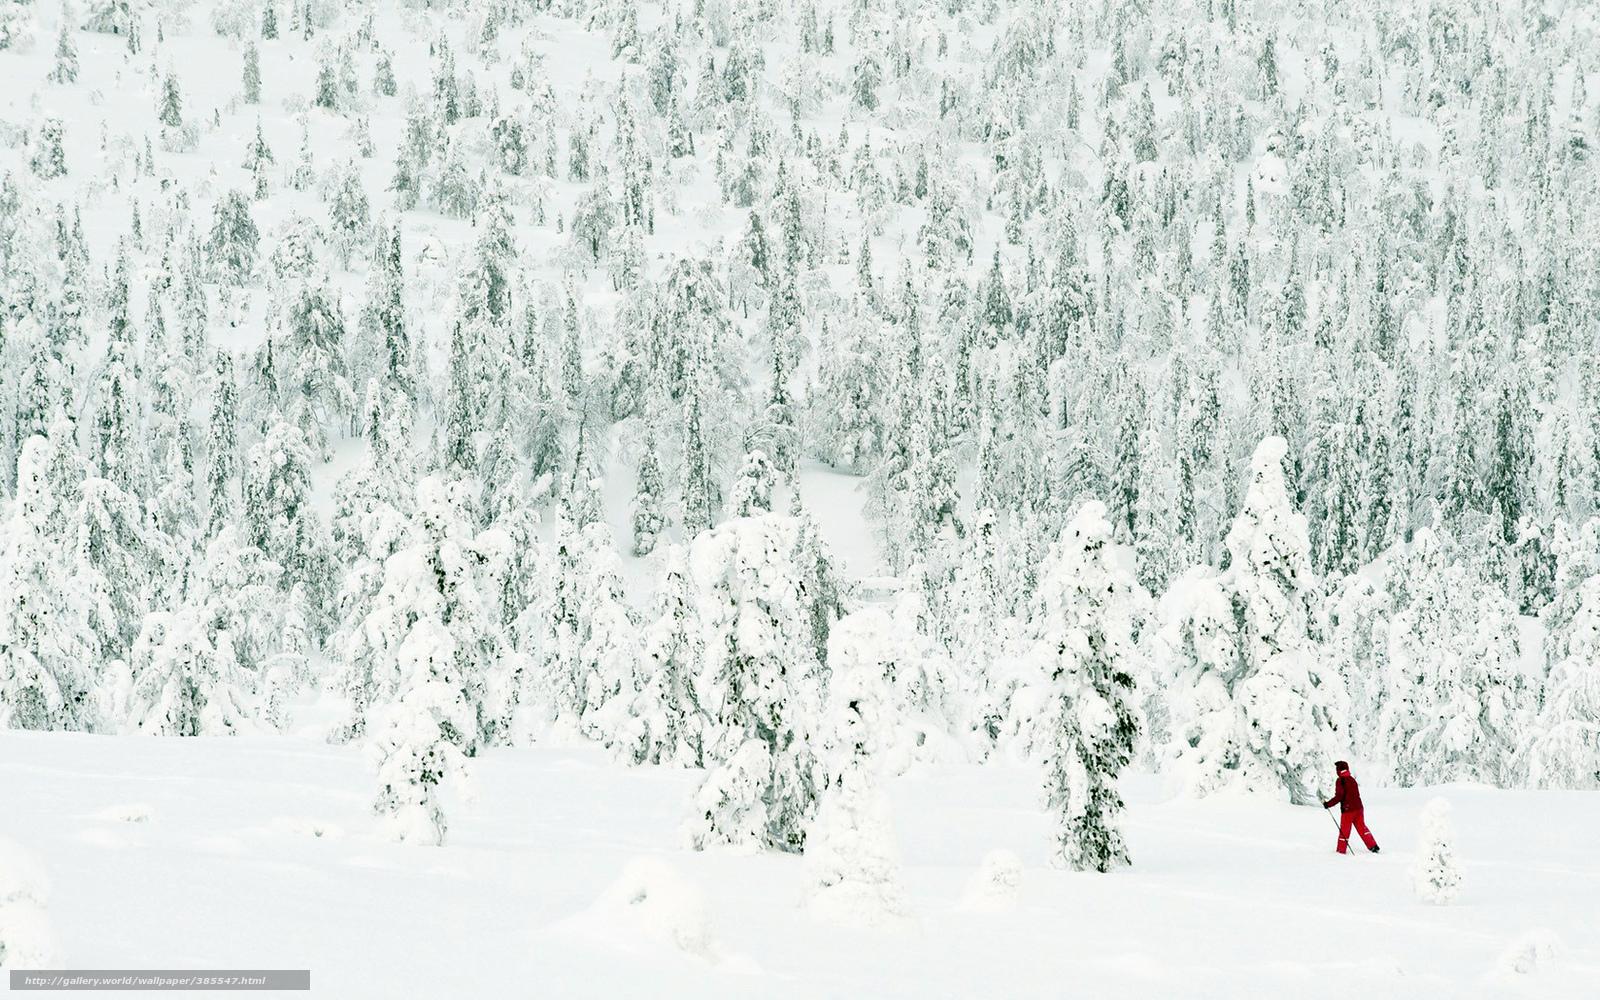 Tlcharger Fond d'ecran neige,  hiver,  fort,  arbres Fonds d'ecran gratuits pour votre rsolution du bureau 1680x1050 — image №385547